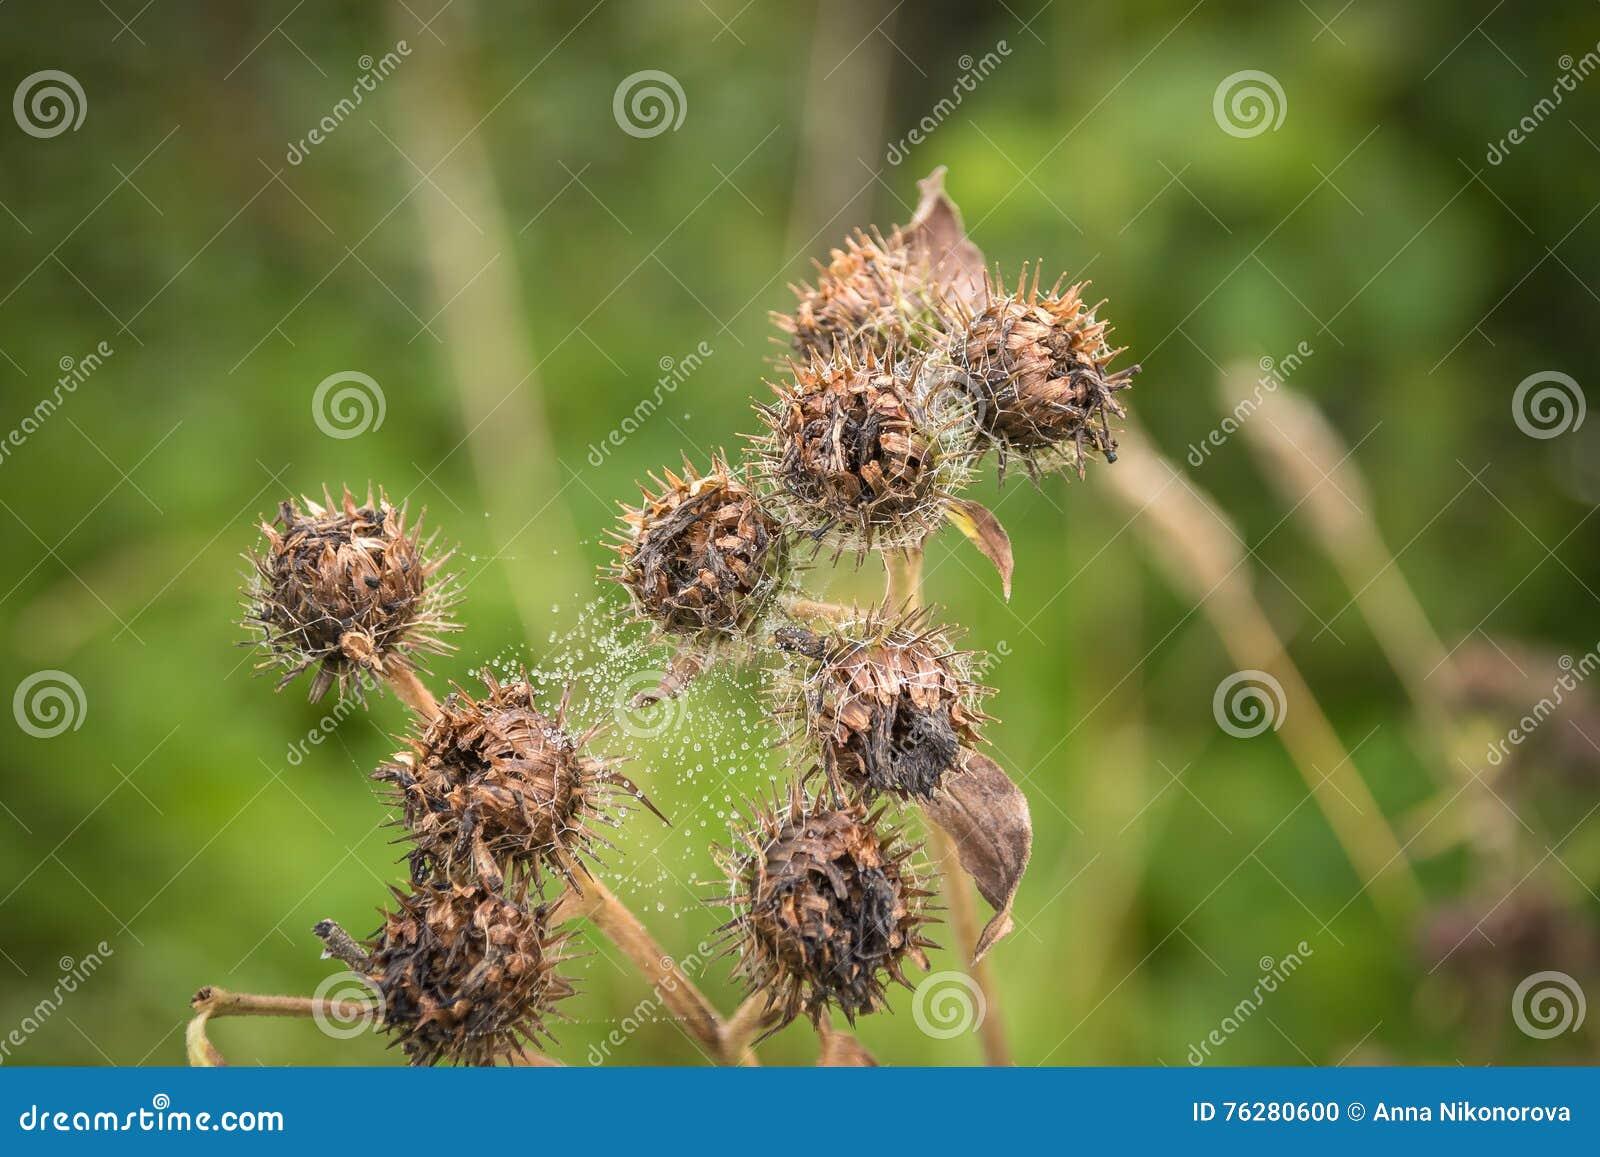 Kwitnąć pięknego kwiatu z łopianowymi prickles Arctium lappa